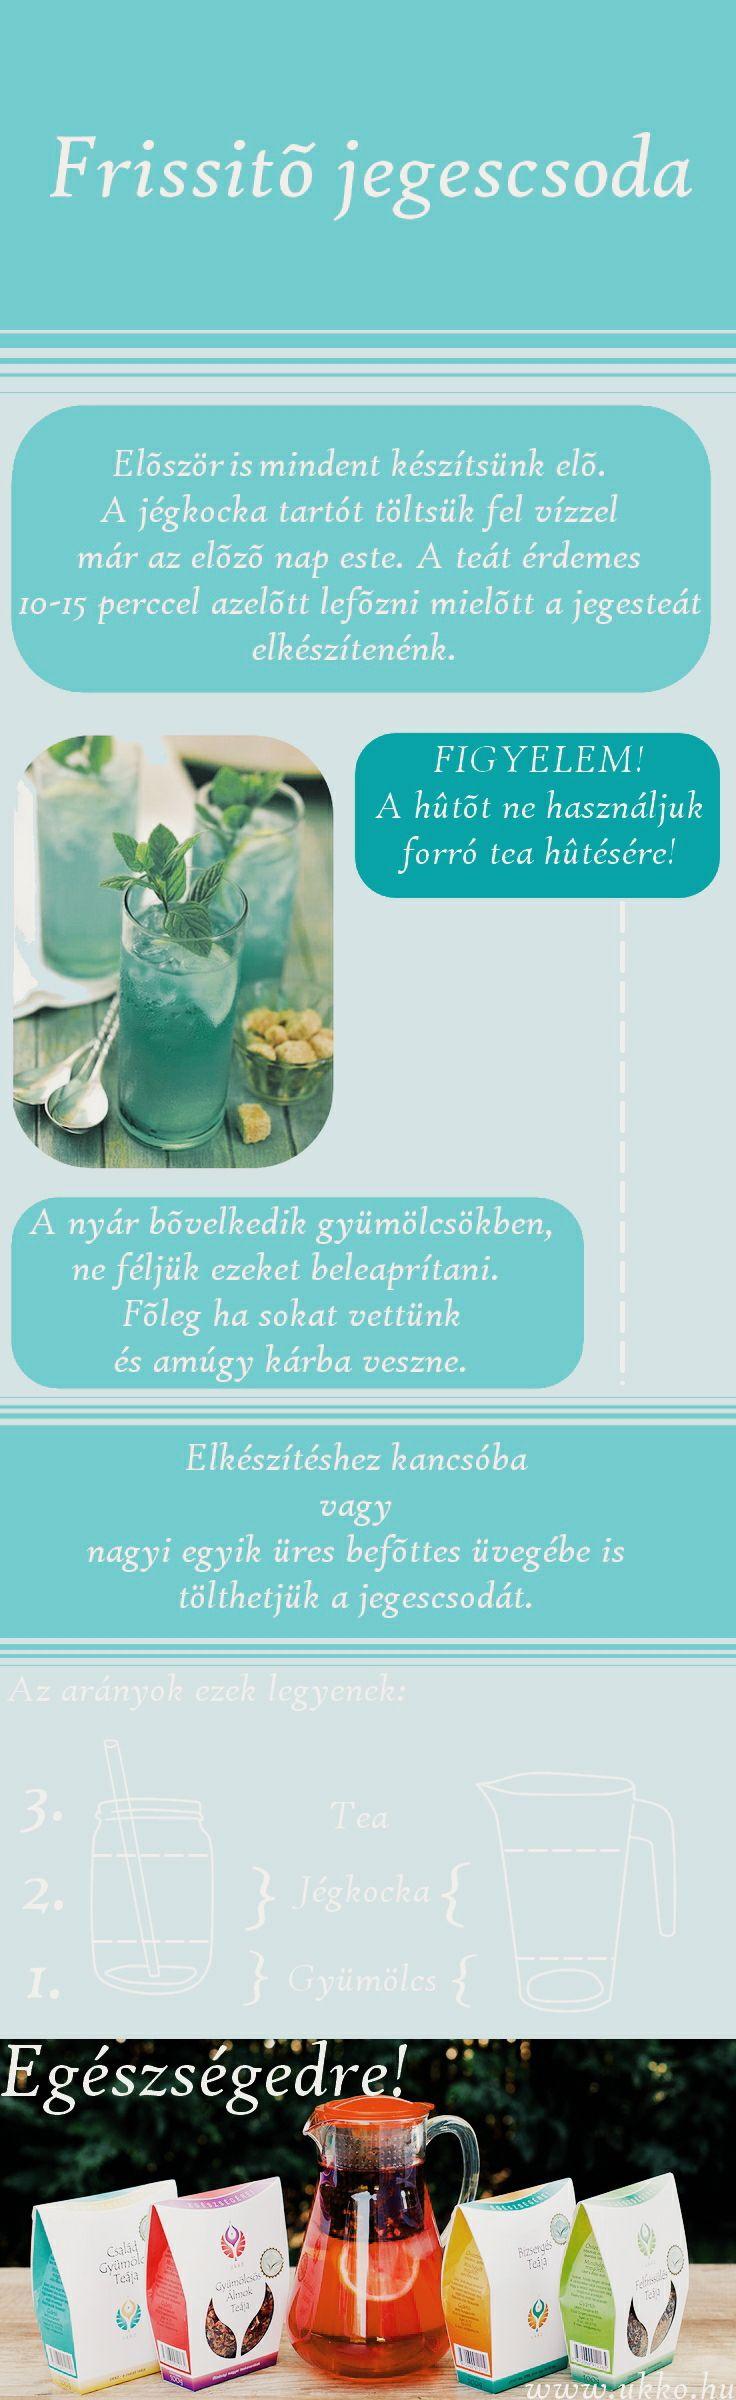 Légy fitt és friss! Válaszd az UKKO Teakeverékek egyikét ehhez a nagyon egyszerű jeges tea recepthez! ;)  #ukkotea #icetea #recipe #weightloss #naturopath #herbs #healthy #healthyandtasty #cocktail #summer #hungary